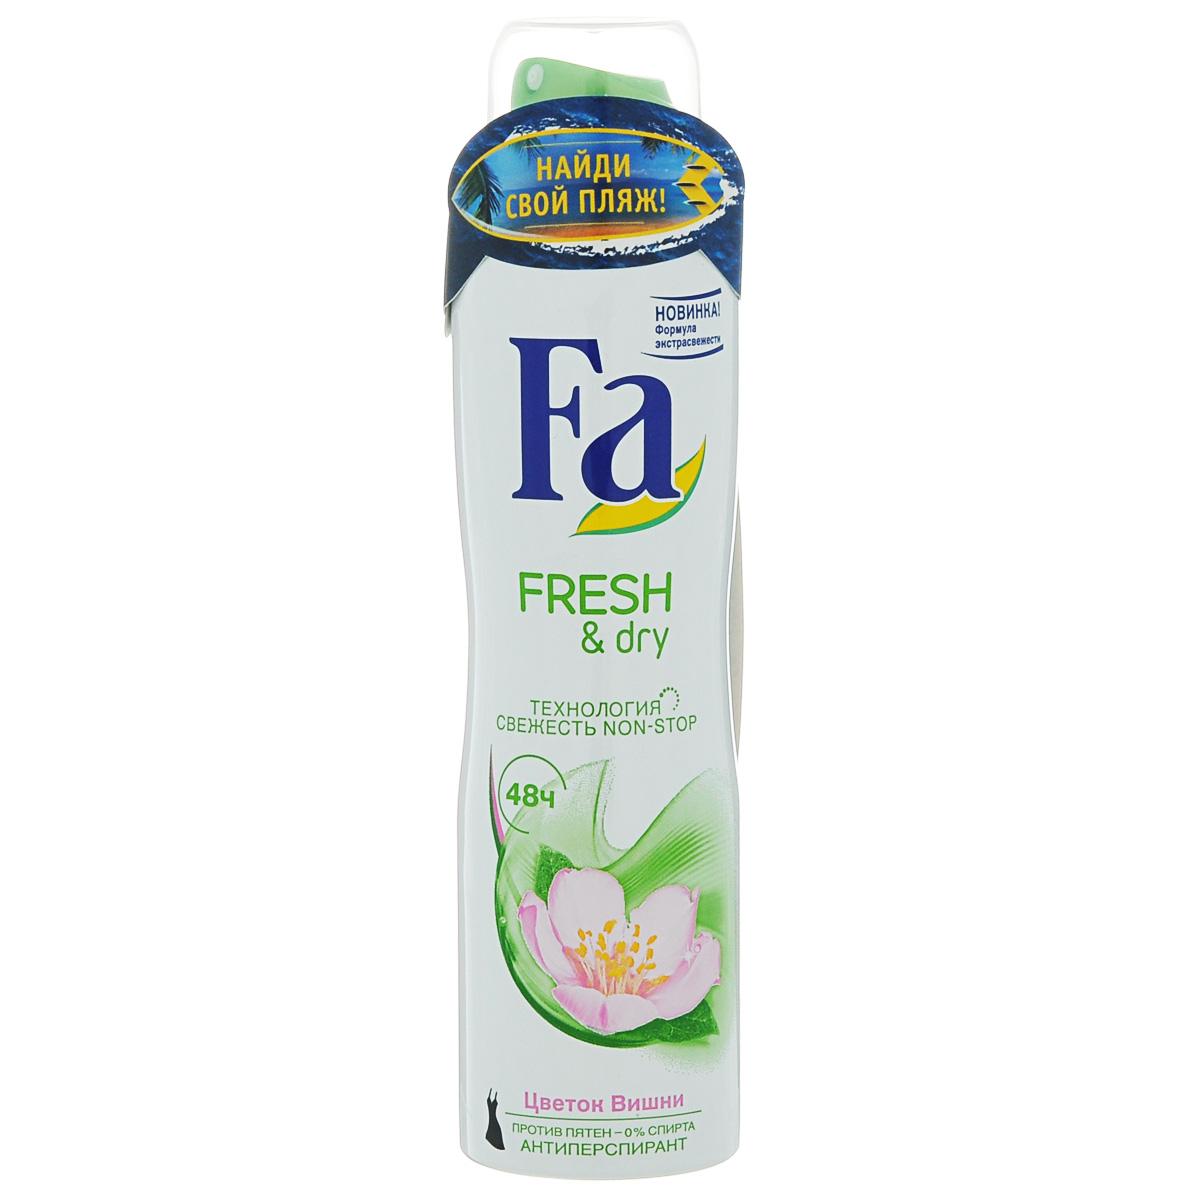 FA Дезодорант-аэрозоль женский Fresh&Dry Цветок Вишни, 150 мл1208368521Откройте для себя 48 ч. длительной део-защиты, которая нейтрализует запах и мгновенно дарит свежий аромат цветов вишни именно тогда, когда это необходимо. - Эффективная защита против запаха пота - Длительная свежесть - Без белых пятен - Хорошая переносимость кожей - Протестировано дерматологами